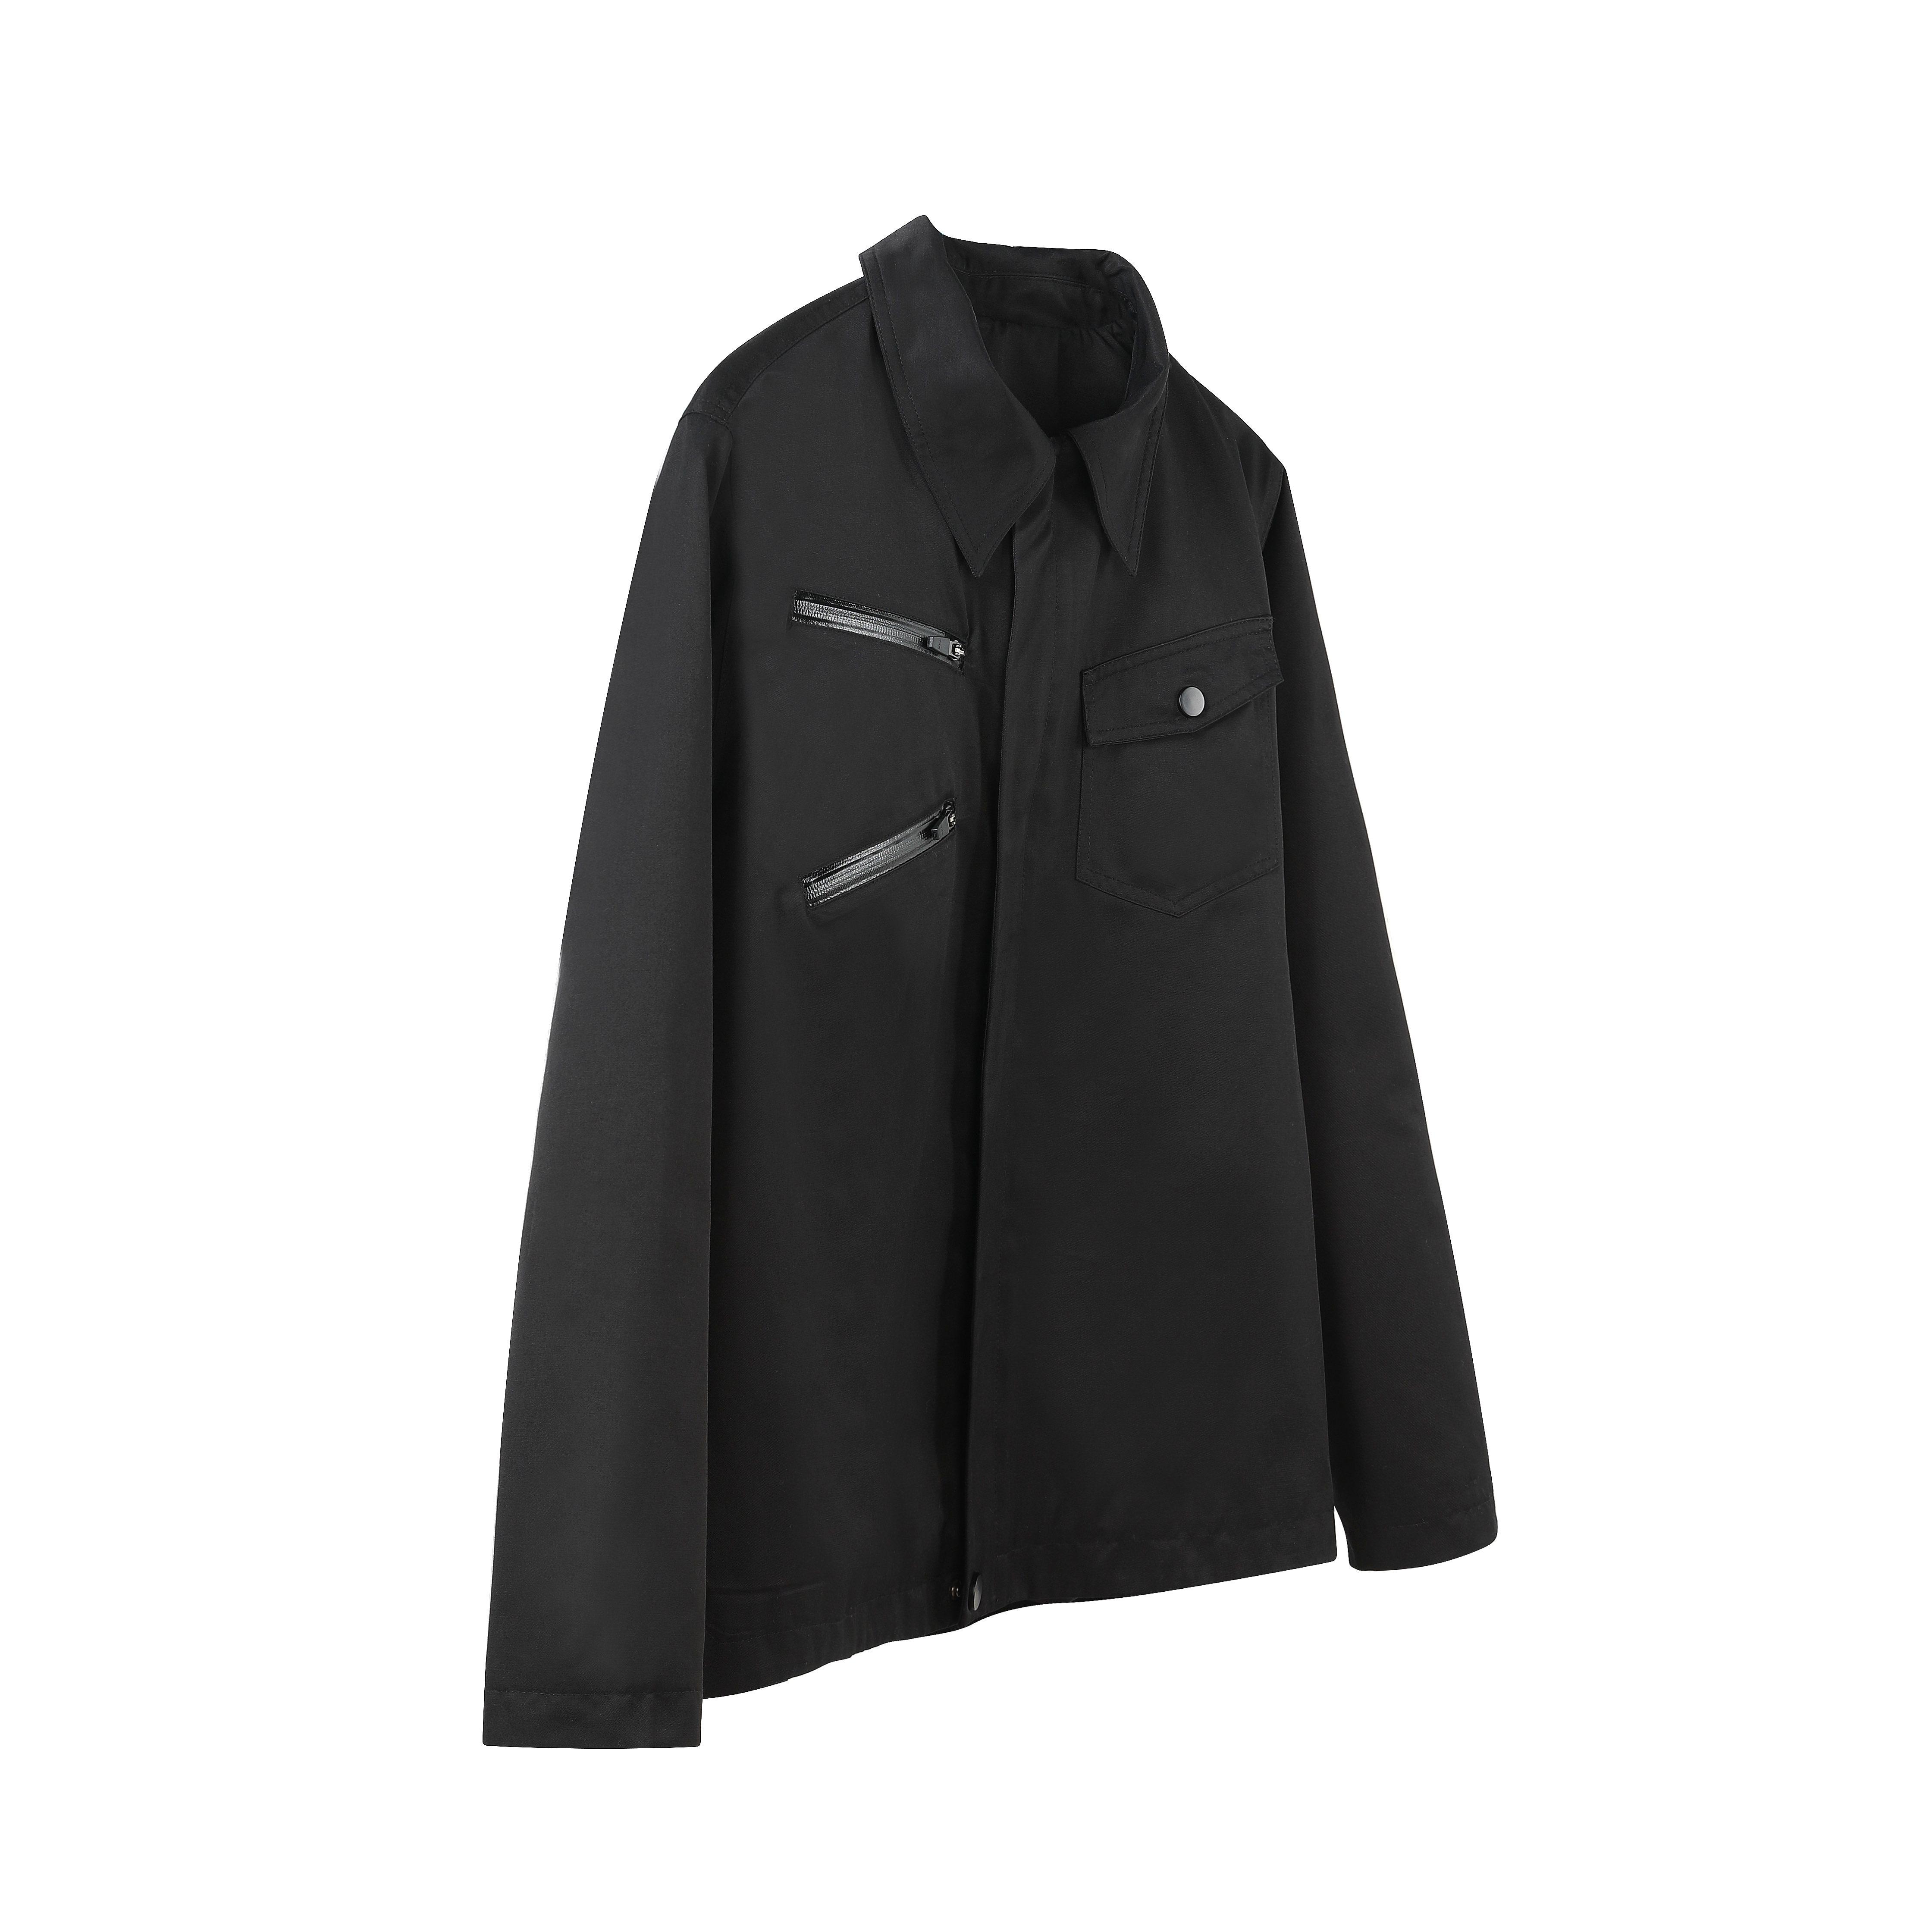 FNP SERVICE/Symmetrical working jacket黑色尖领拉链工装夹克